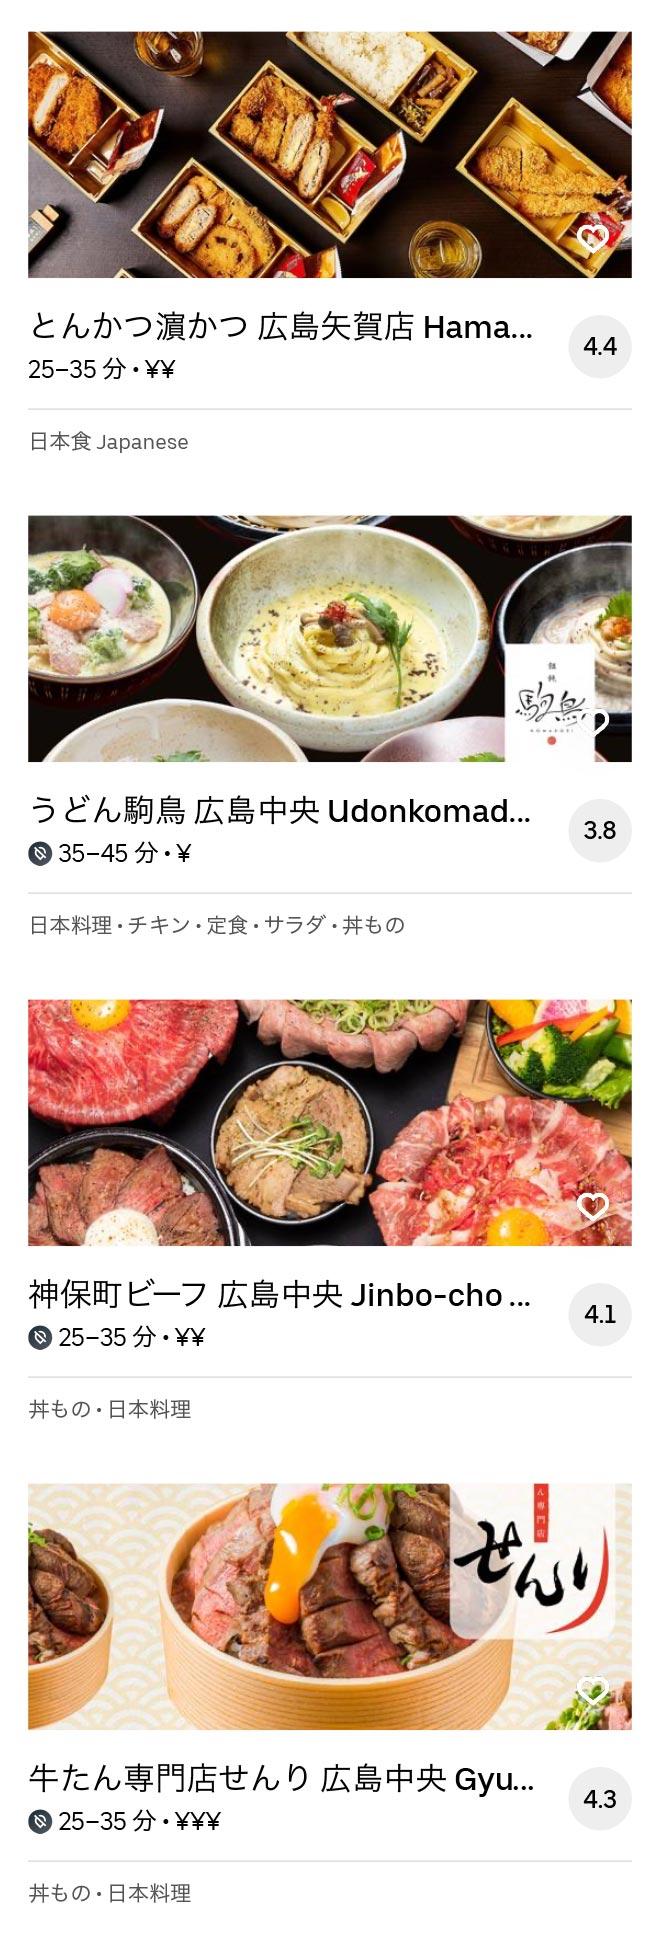 Hiroshima mukainada menu 2005 05